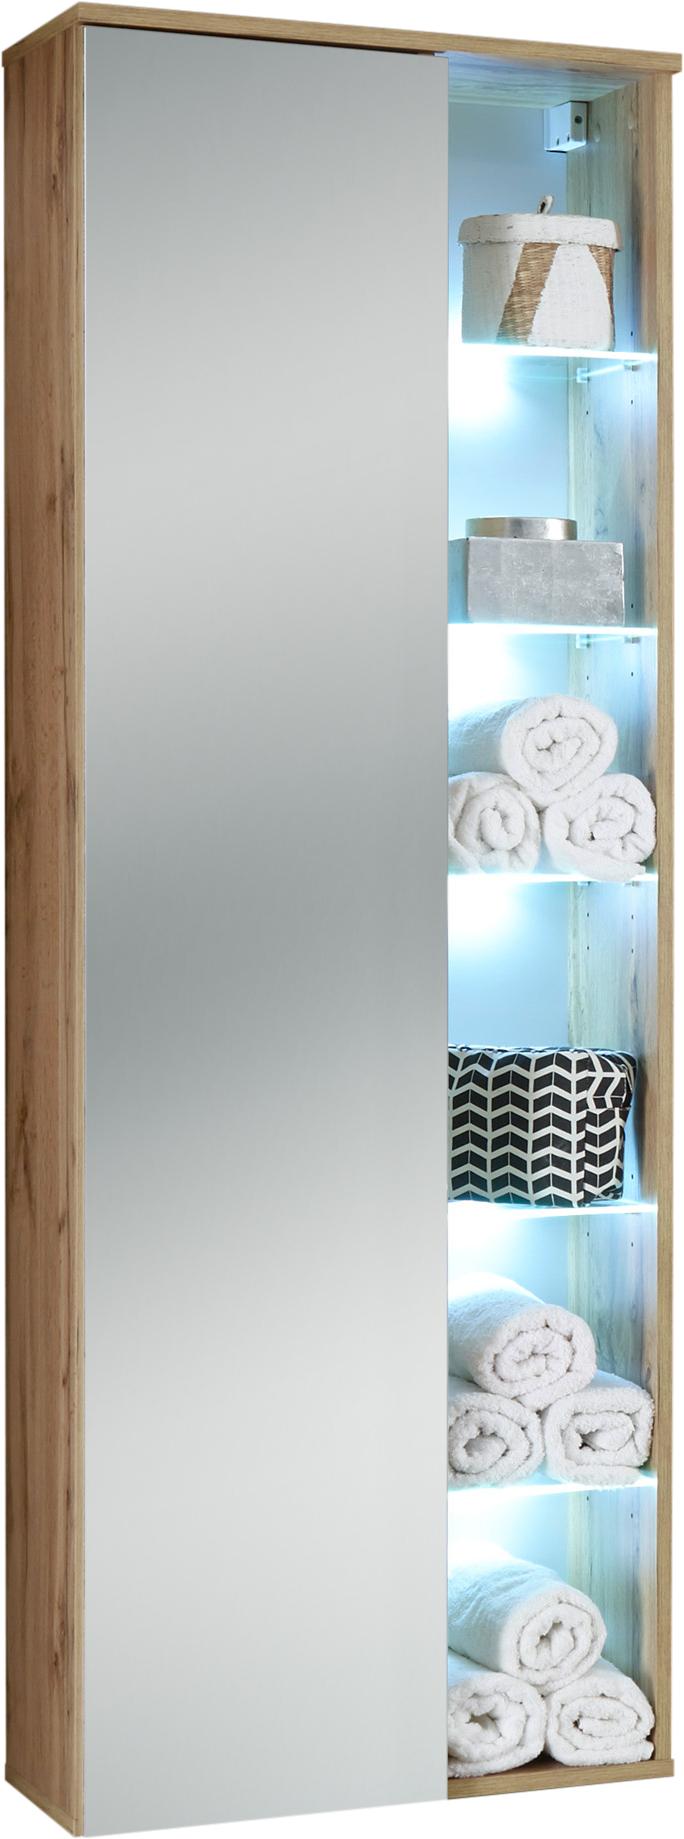 Bad Hängeschrank inkl LED Beleuchtung und Spiegel re./li. montierbar BEST  von Bega Wildeiche